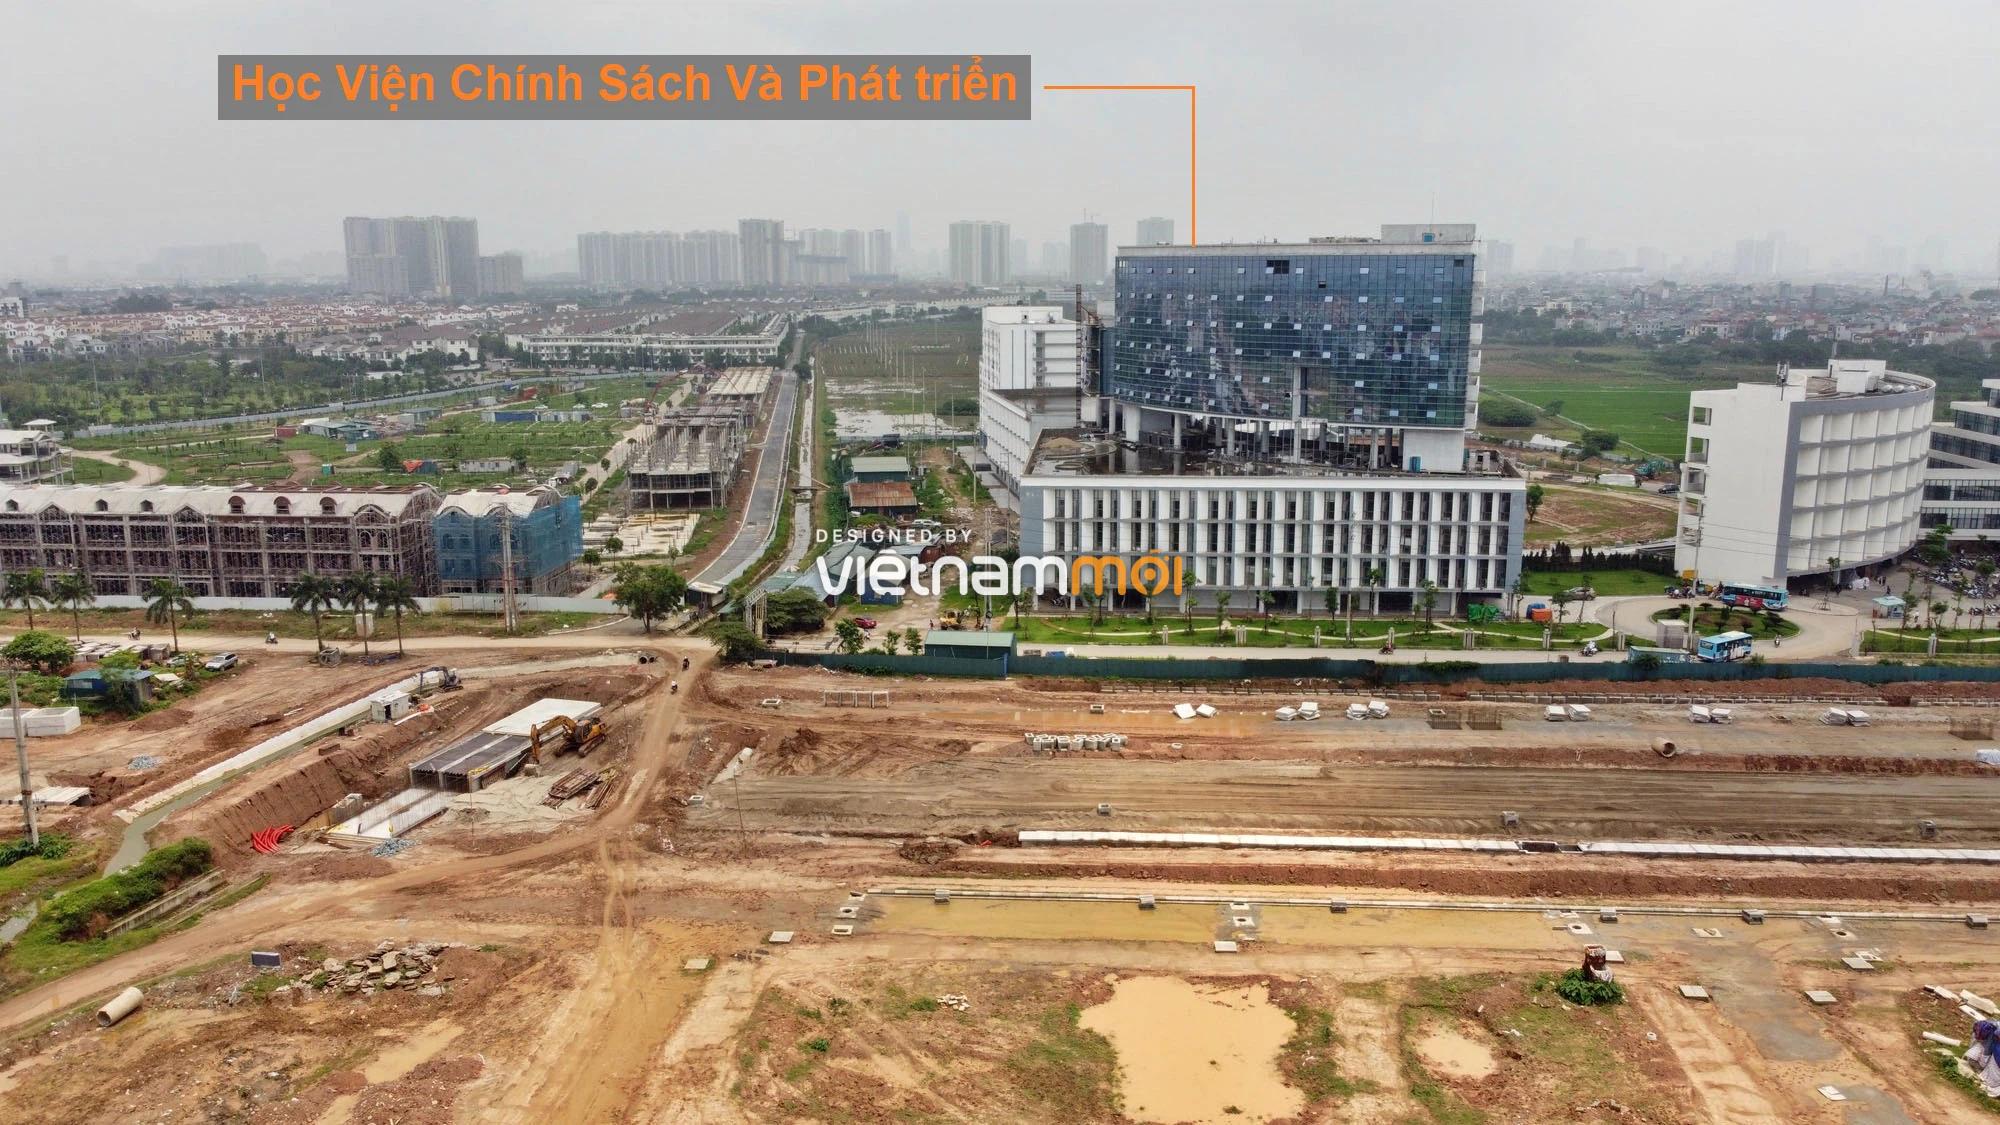 Toàn cảnh đường nối Đại lộ Thăng Long - tỉnh lộ 423 qua KĐT Nam An Khánh đang mở theo quy hoạch ở Hà Nội - Ảnh 18.